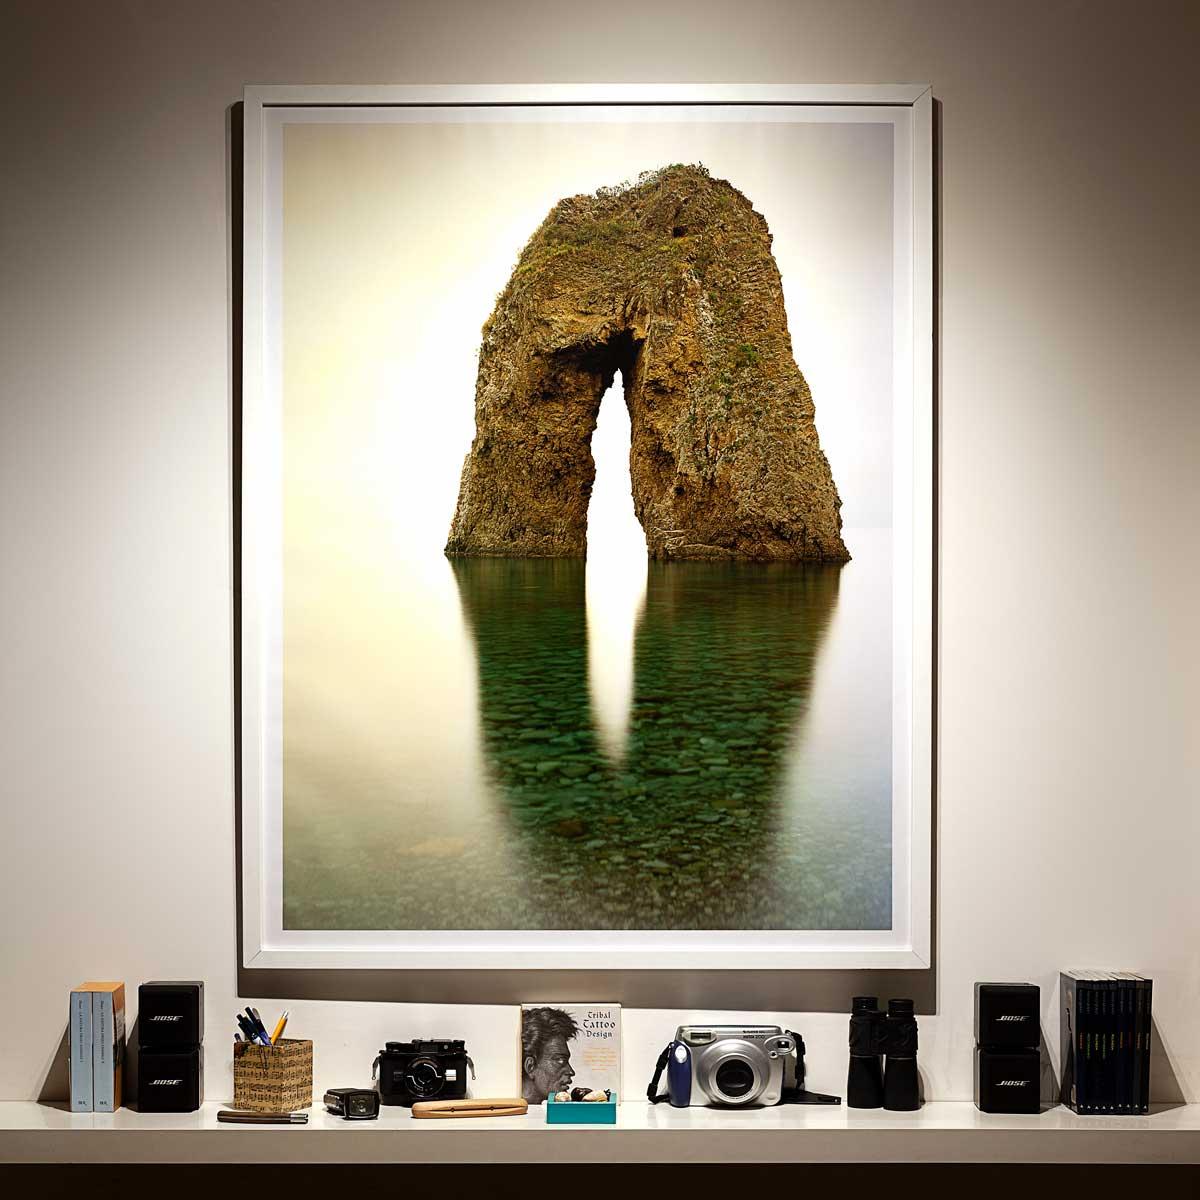 Isola di Ponza, Arco Spaccapolpi - Fotografia Fine Art di Luca Tamagnini - Formato 100 x 130 cm - Catalogo 2018-001